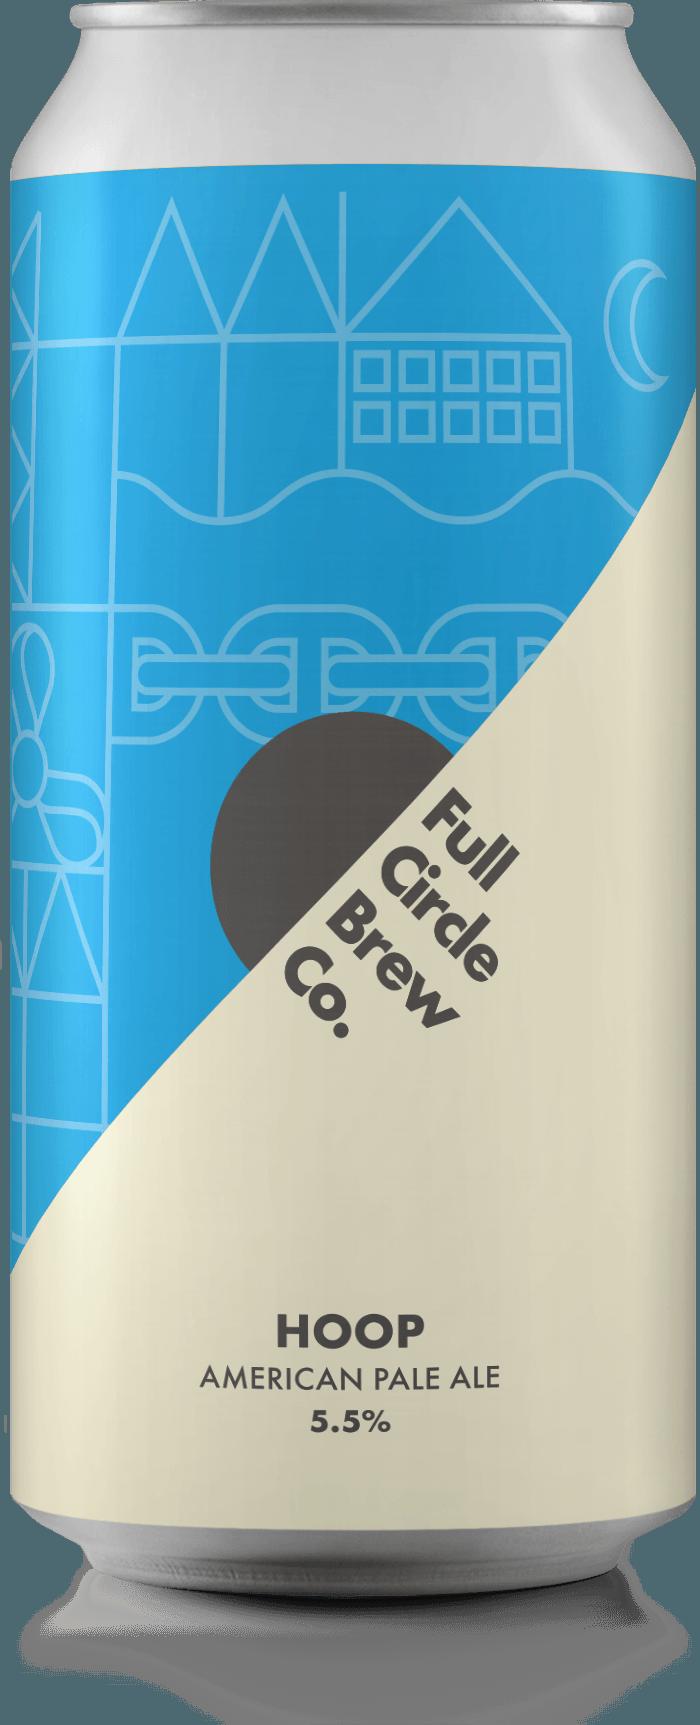 Image 0: FCBC Hoop American Pale Ale